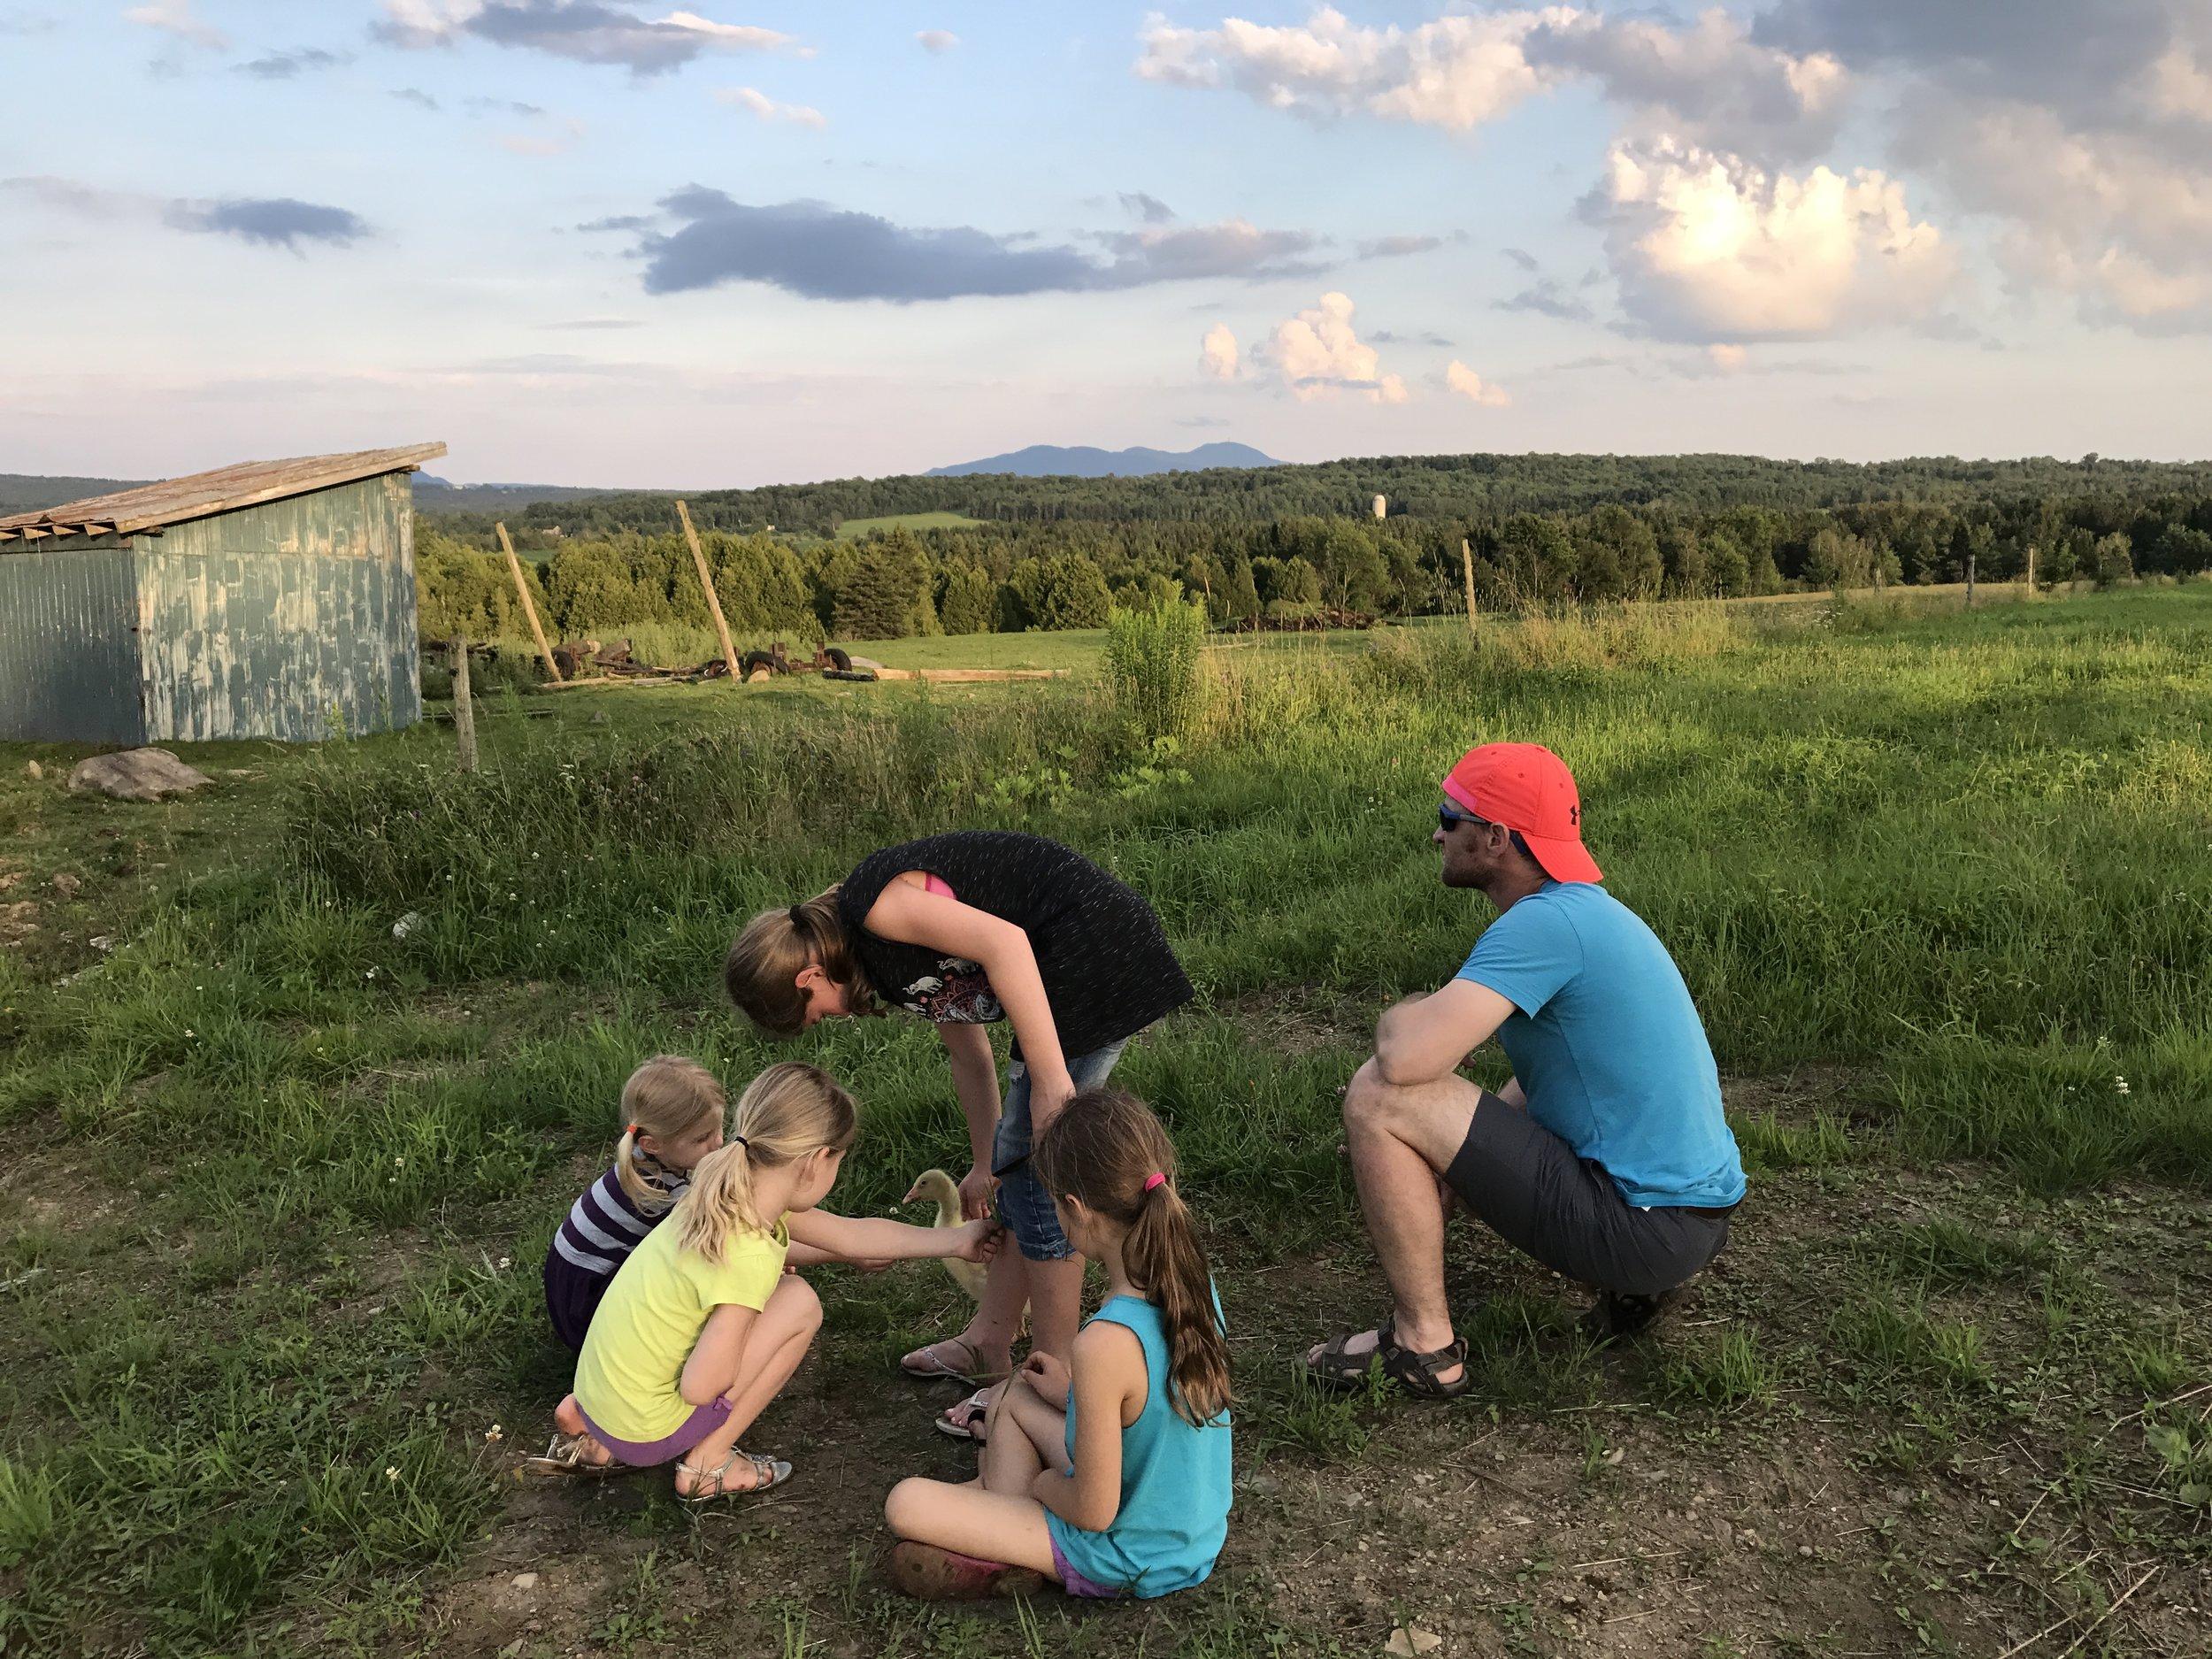 On profite de nos derniers jours à la campagne pour recharger nos batteries! Merci Mamie et Papi pour cet été inoubliable xxx